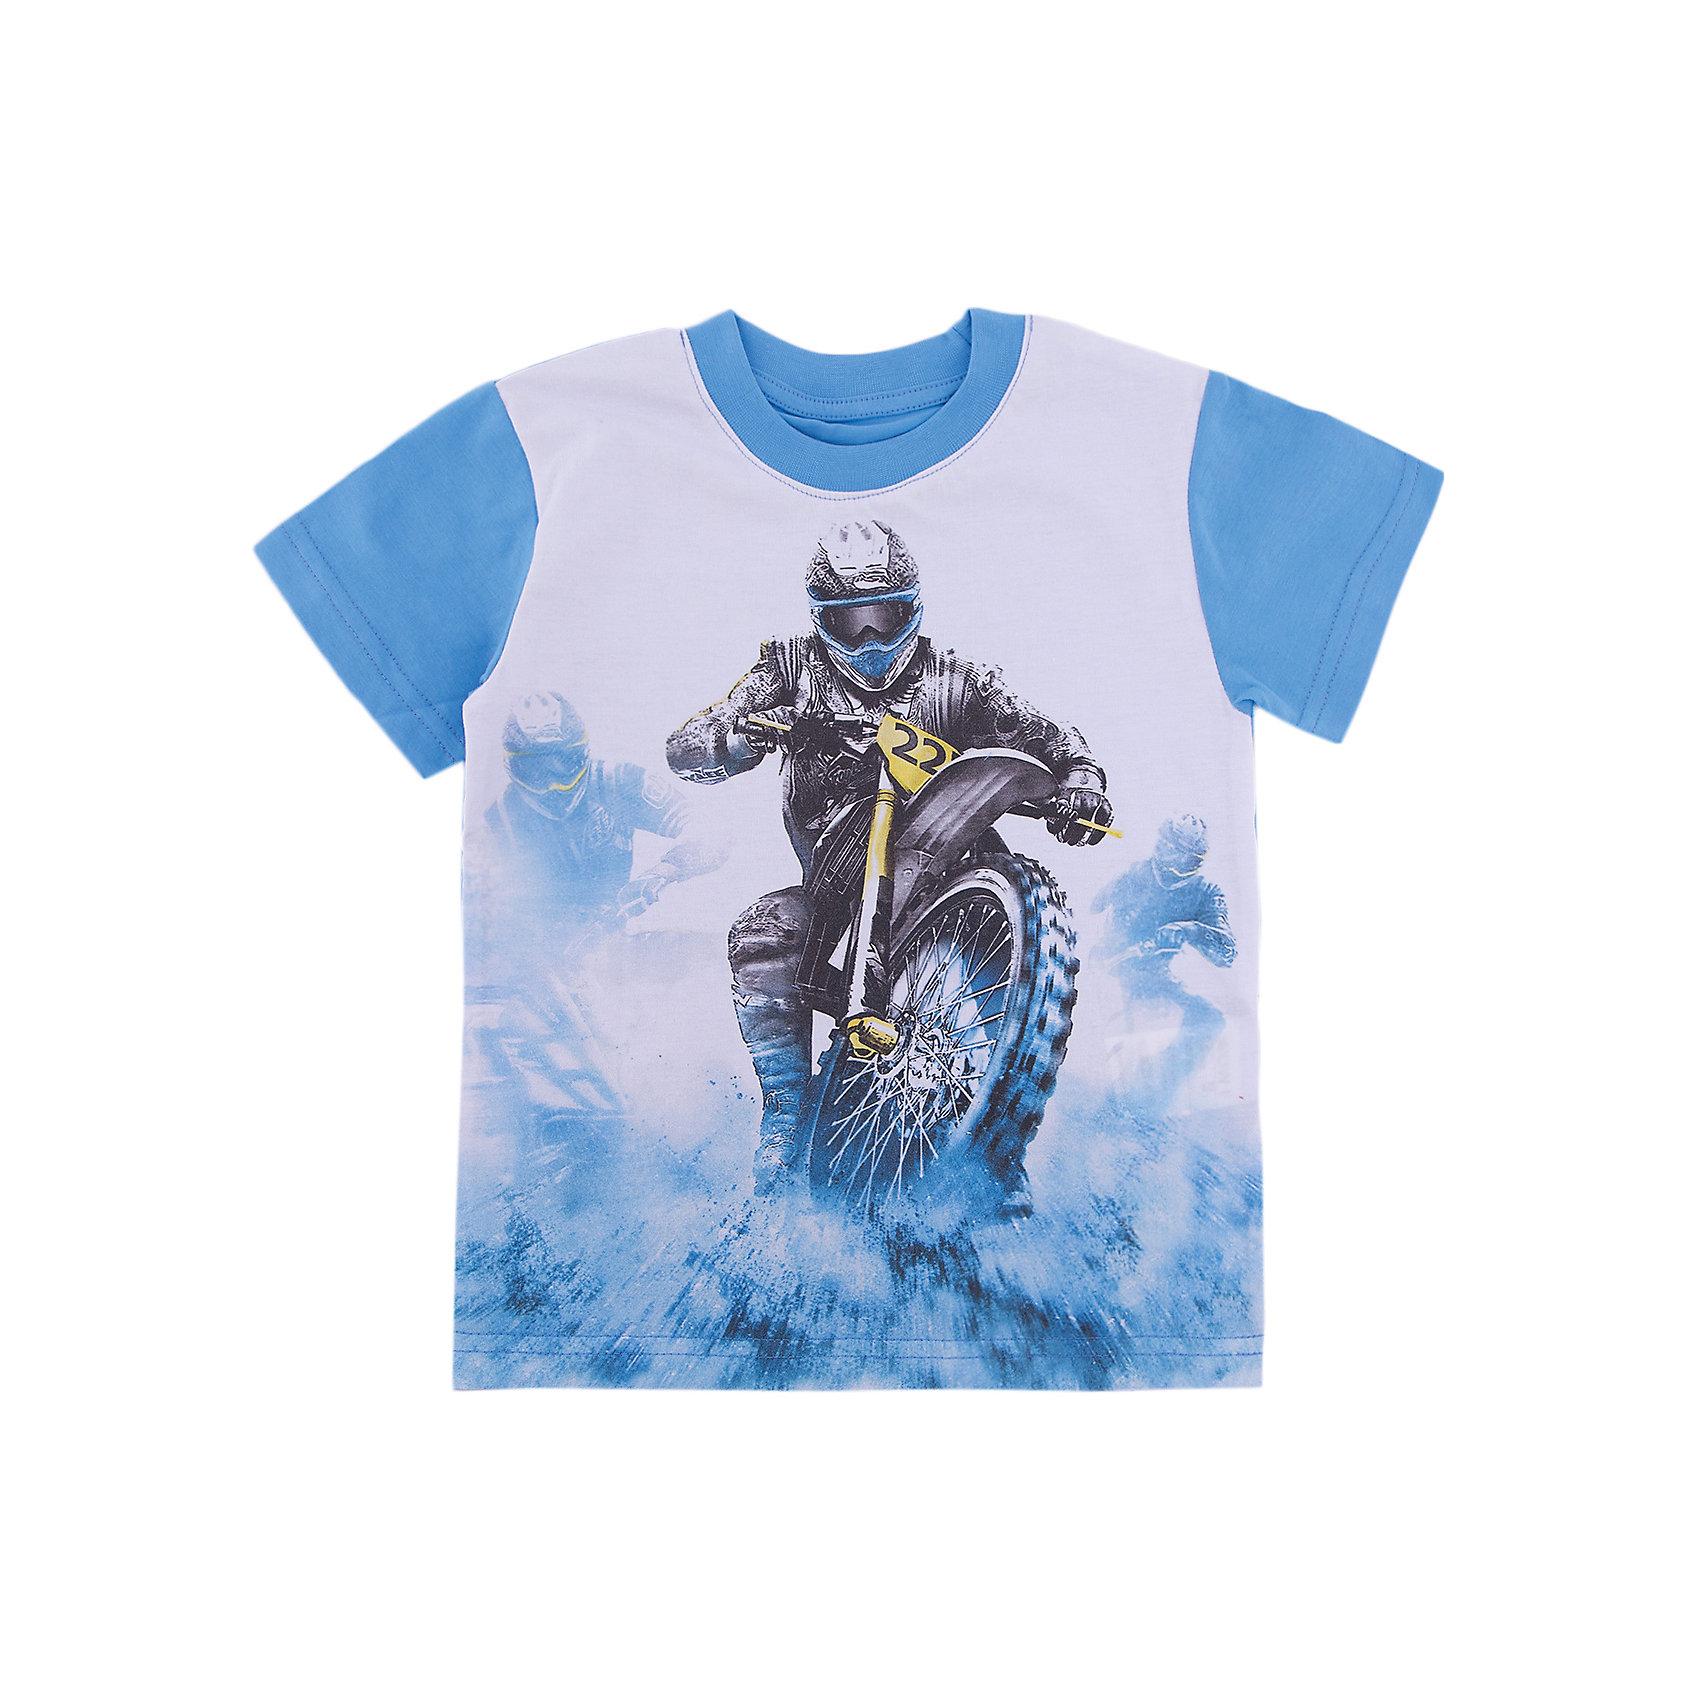 Футболка для мальчика WOWФутболки, поло и топы<br>Футболка для мальчика WOW<br>Незаменимой вещью в  гардеробе послужит футболка с коротким рукавом. Стильная и в тоже время комфортная модель, с яркой оригинальной печатью, будет превосходно смотреться на ребенке.<br>Состав:<br>кулирная гладь 100% хлопок<br><br>Ширина мм: 199<br>Глубина мм: 10<br>Высота мм: 161<br>Вес г: 151<br>Цвет: голубой<br>Возраст от месяцев: 72<br>Возраст до месяцев: 84<br>Пол: Мужской<br>Возраст: Детский<br>Размер: 122,98,104,110,116<br>SKU: 6871835